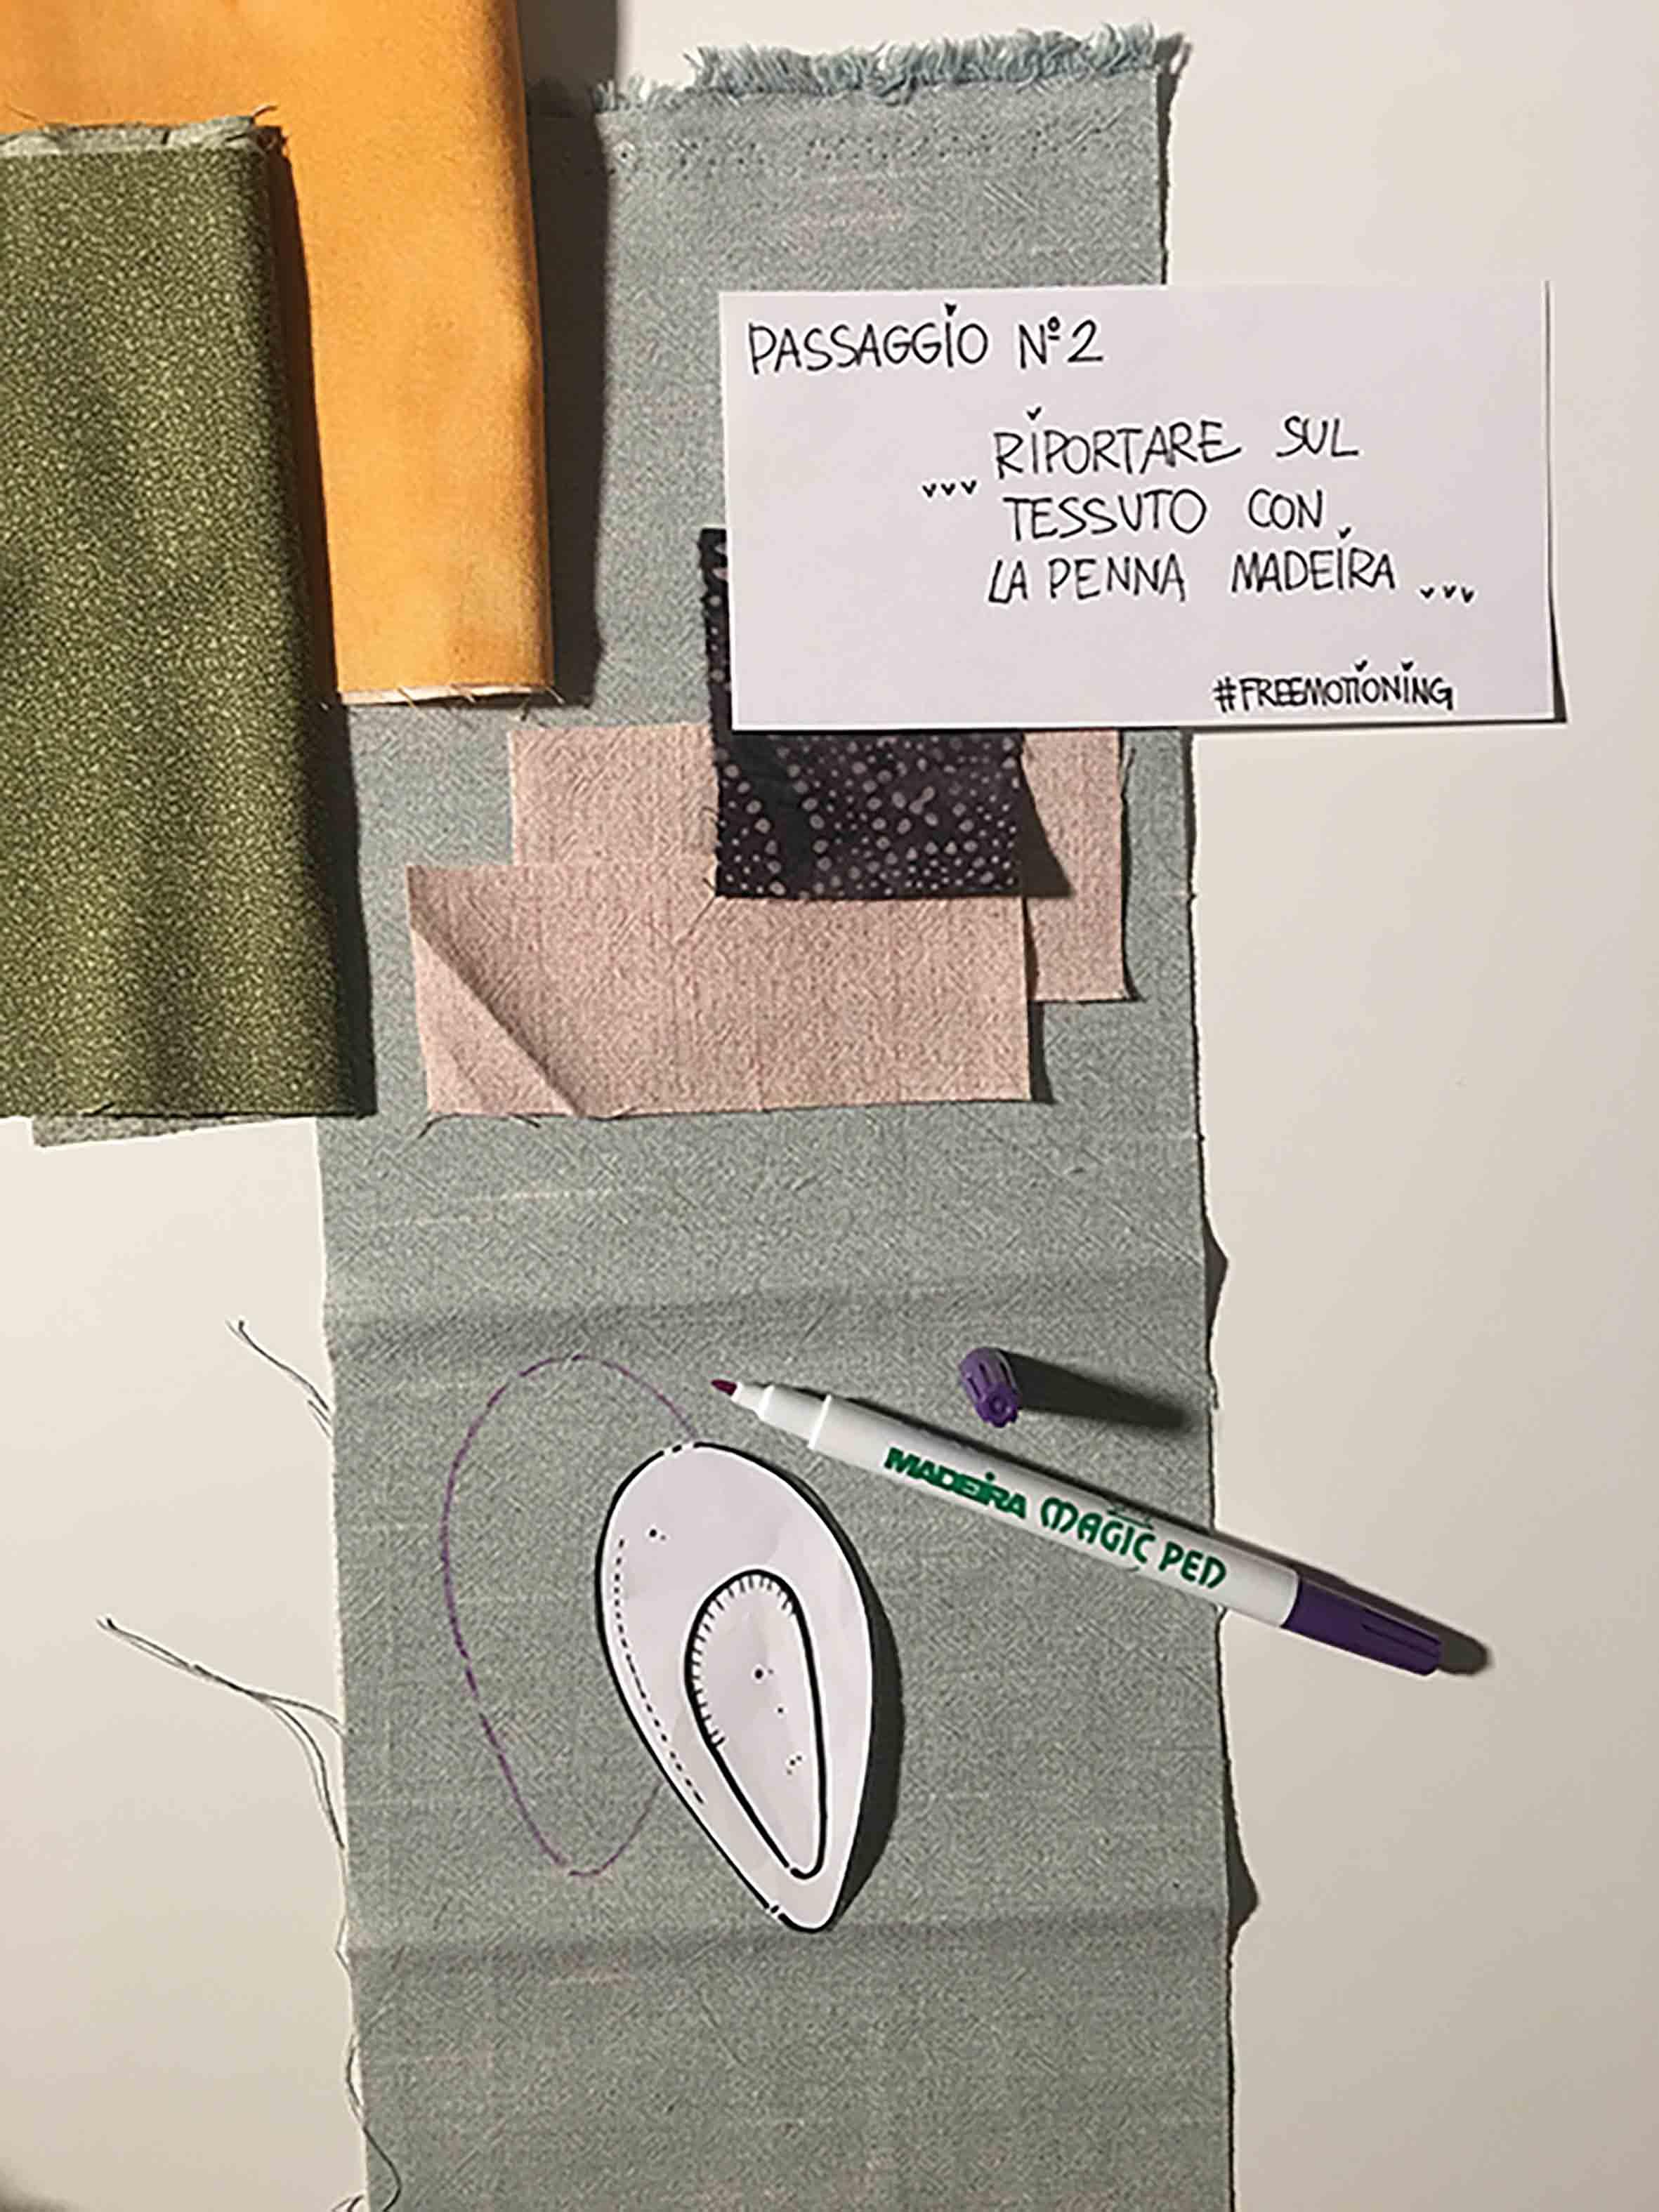 Appoggio dei cartamodelli sui tessuti